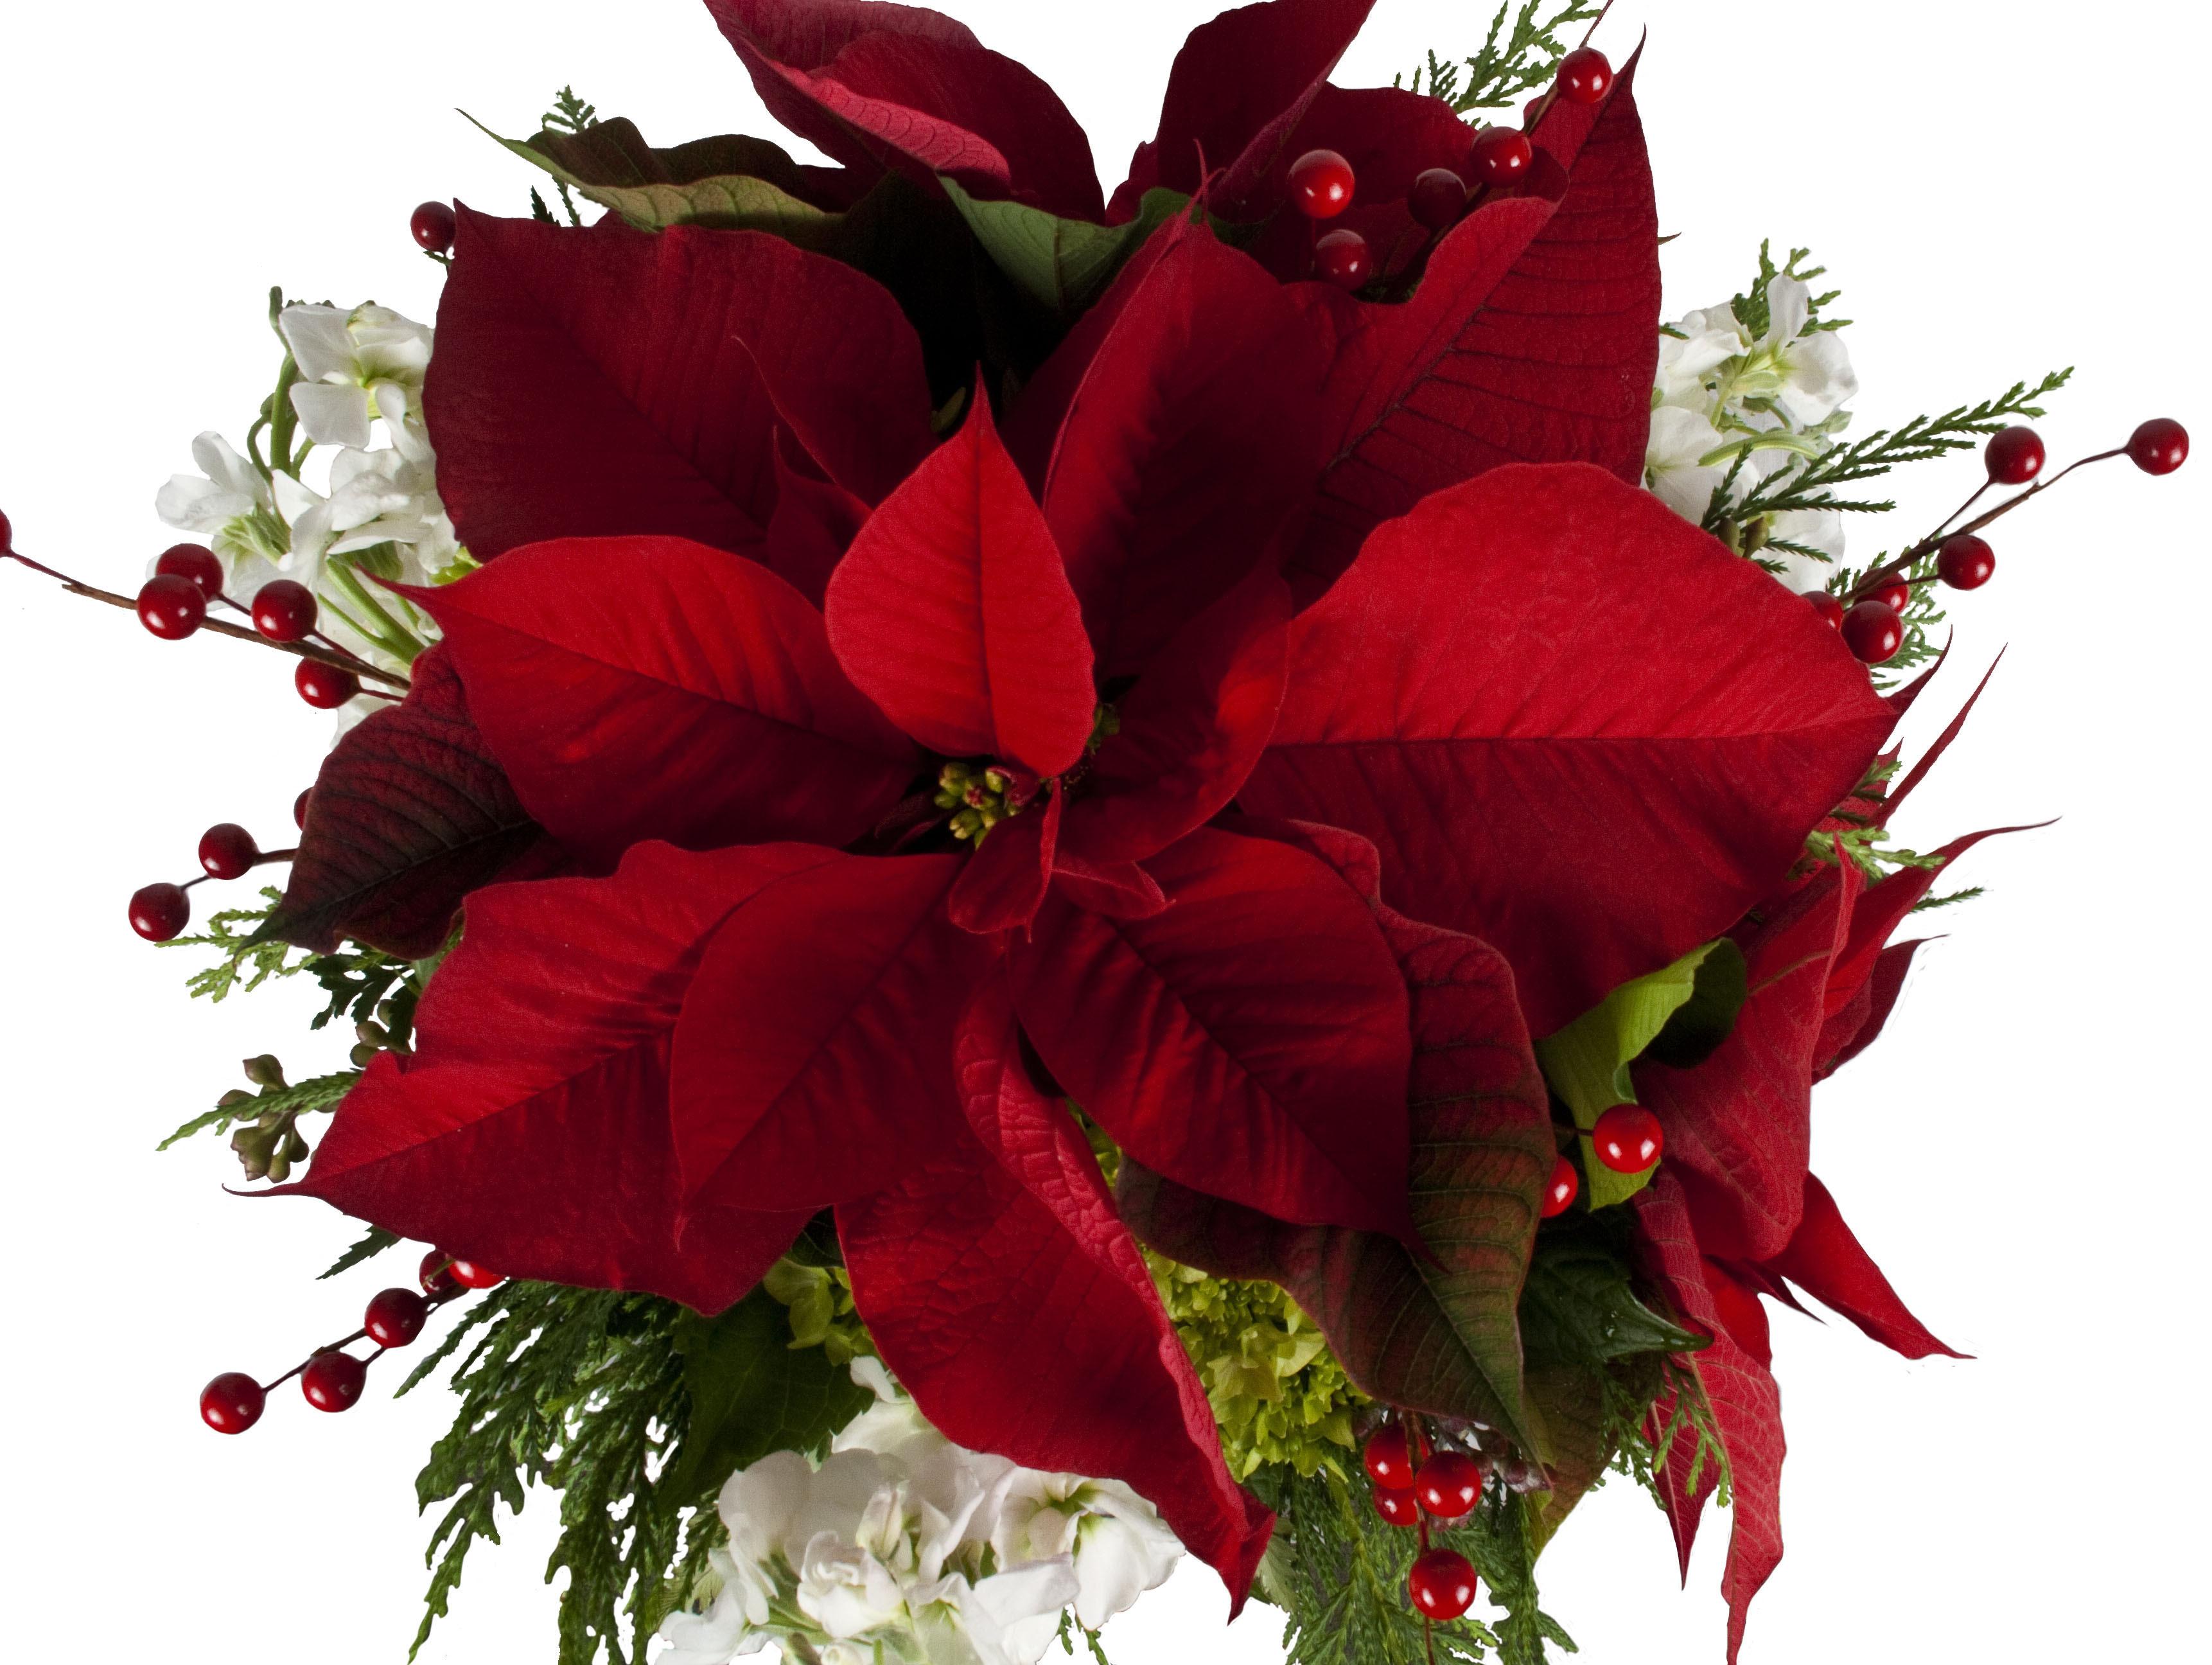 Poinsettia The Christmas Flower Freytags Florist Freytags Florist